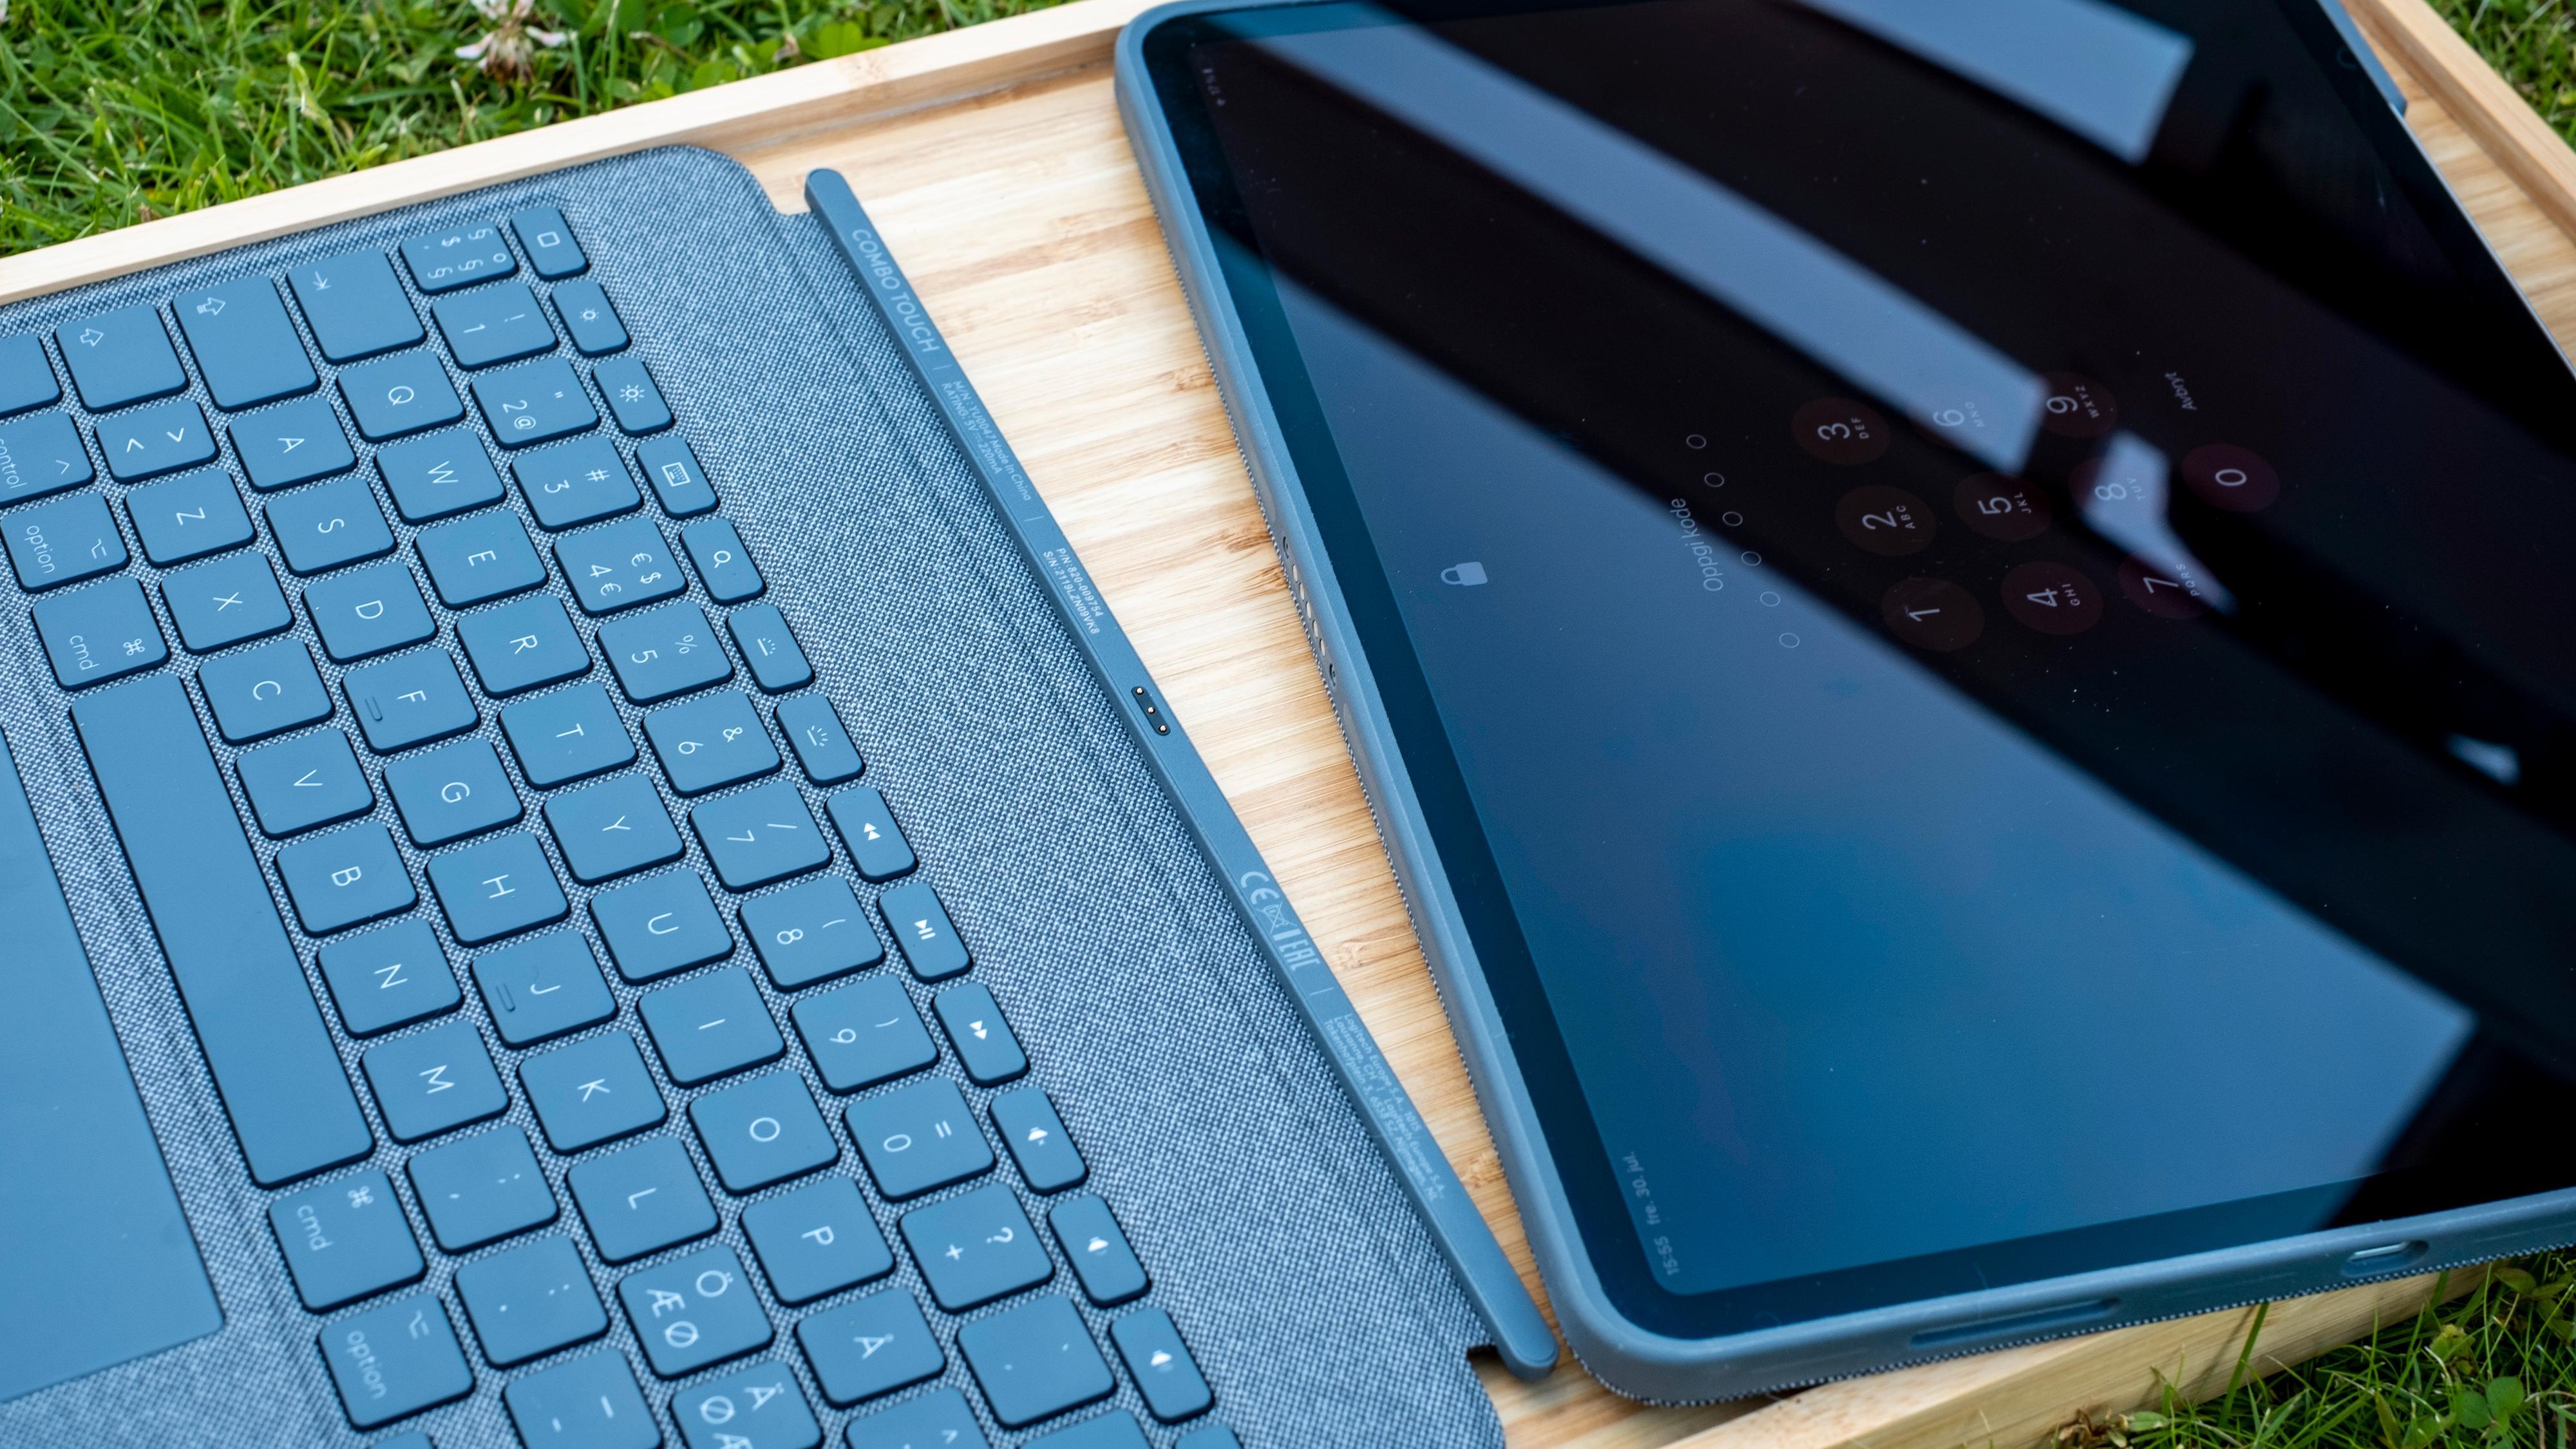 Tastaturet kan hektes av - det sitter bare med magneter. Du står igjen med et kraftig nettbrettdeksel rundt iPad Pro.